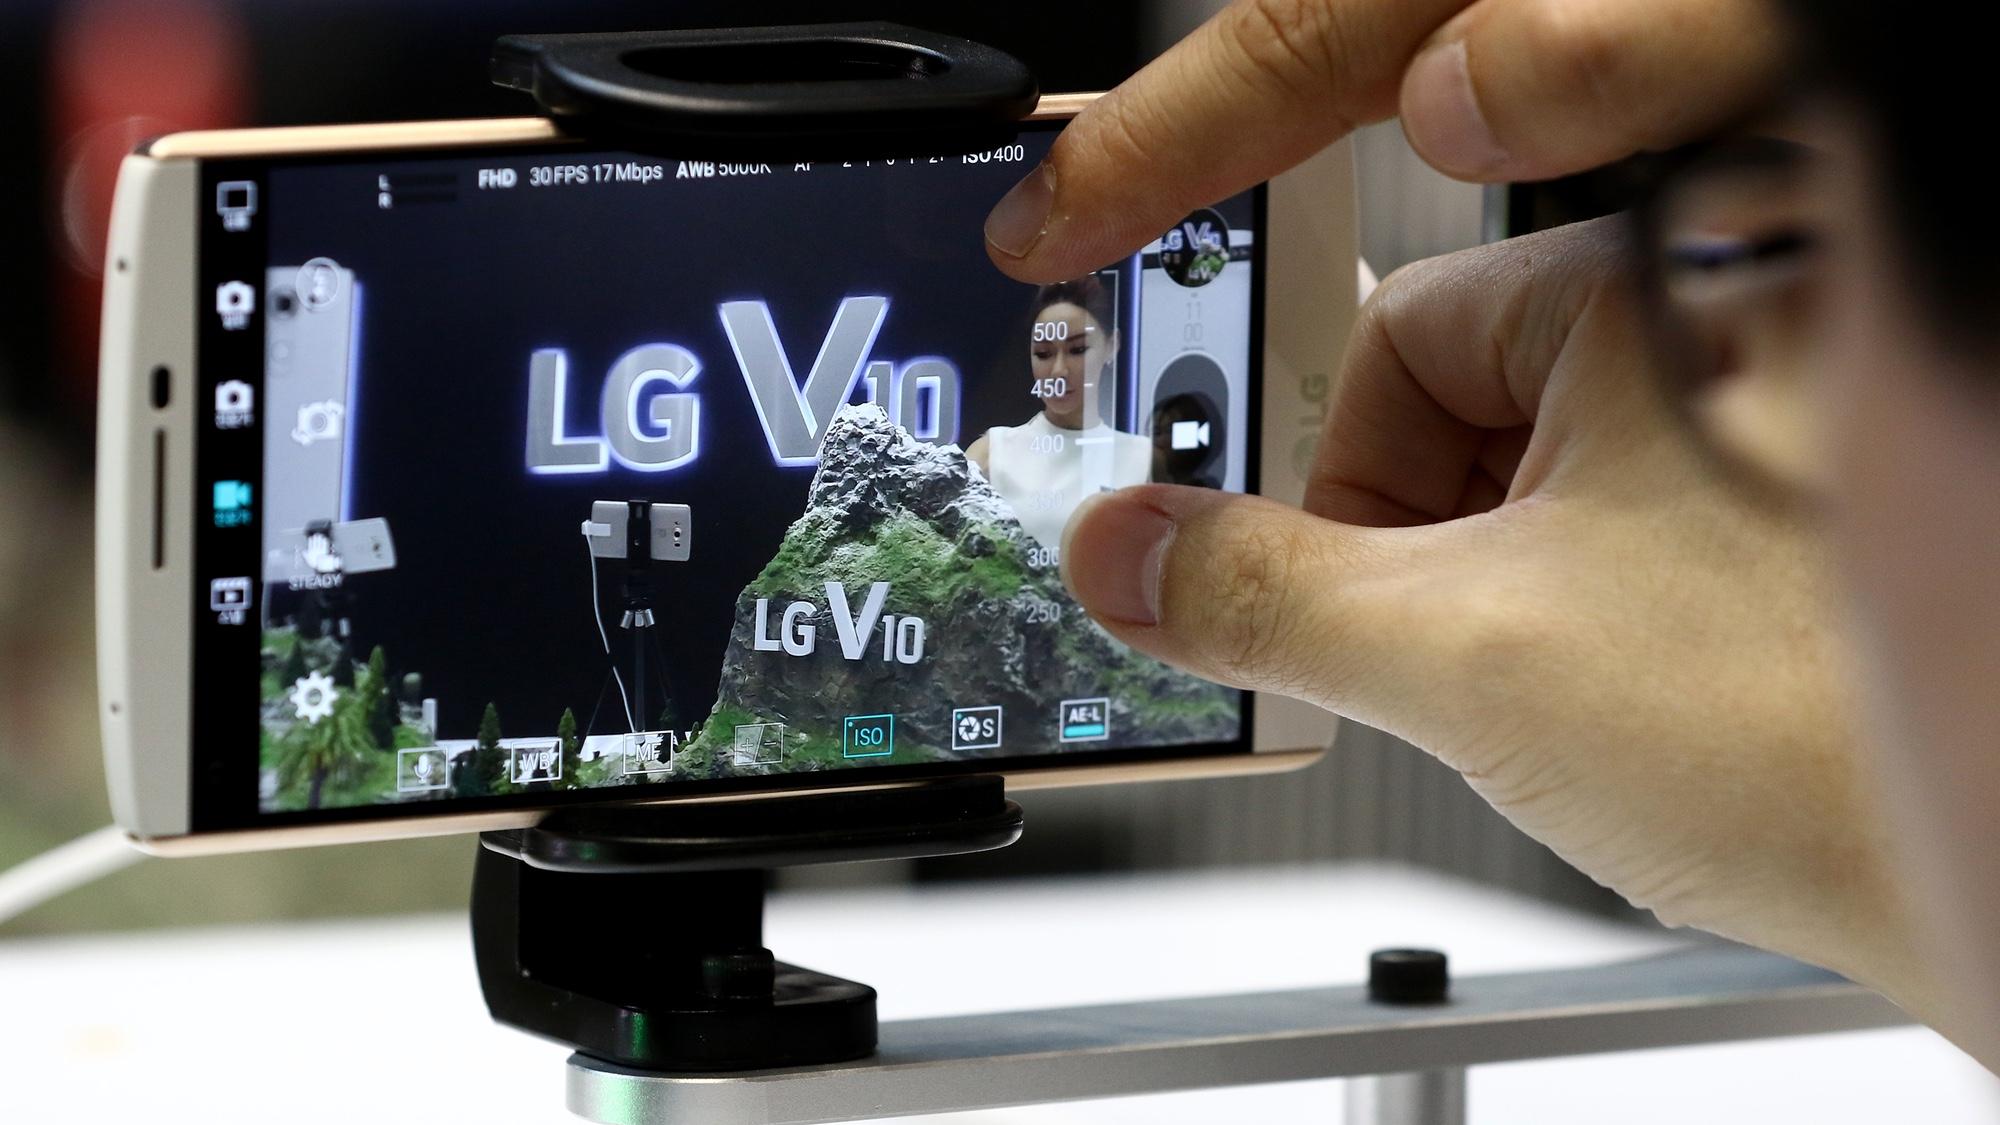 Лучшие и худшие телефоны LG: LG V10